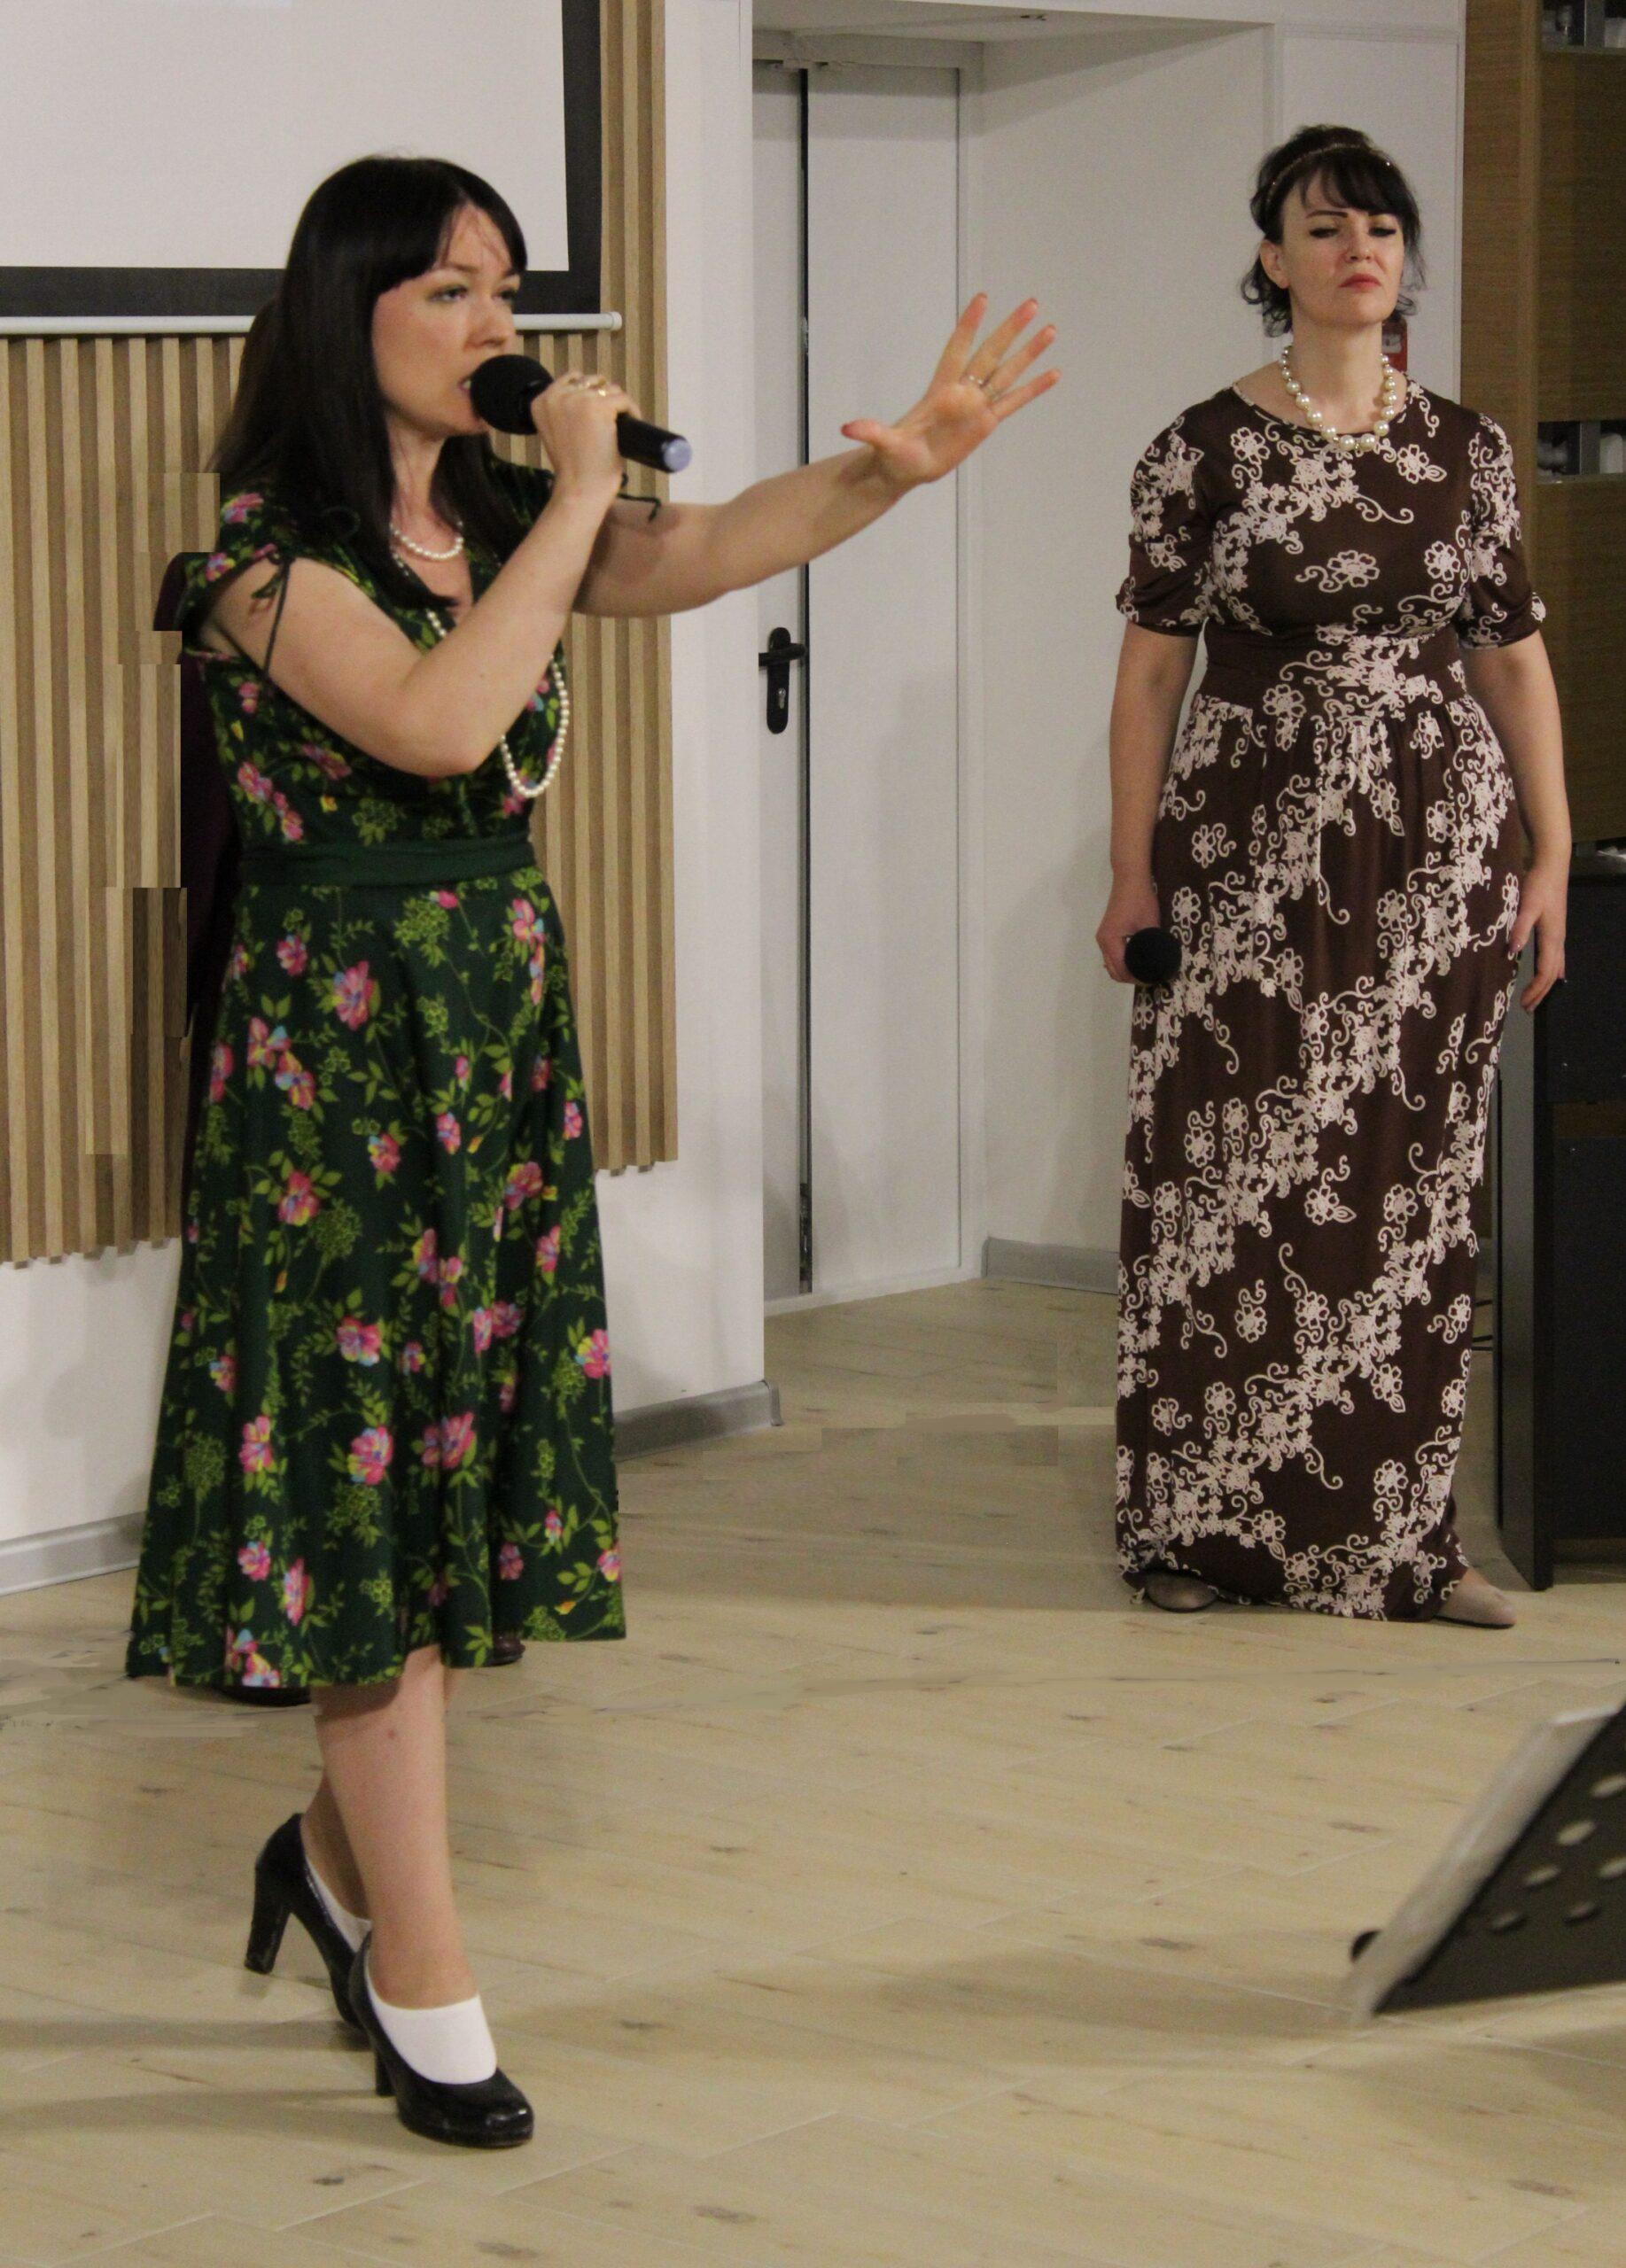 Дария Семина исполняет песню Высоцкого Так случилось – мужчины ушли